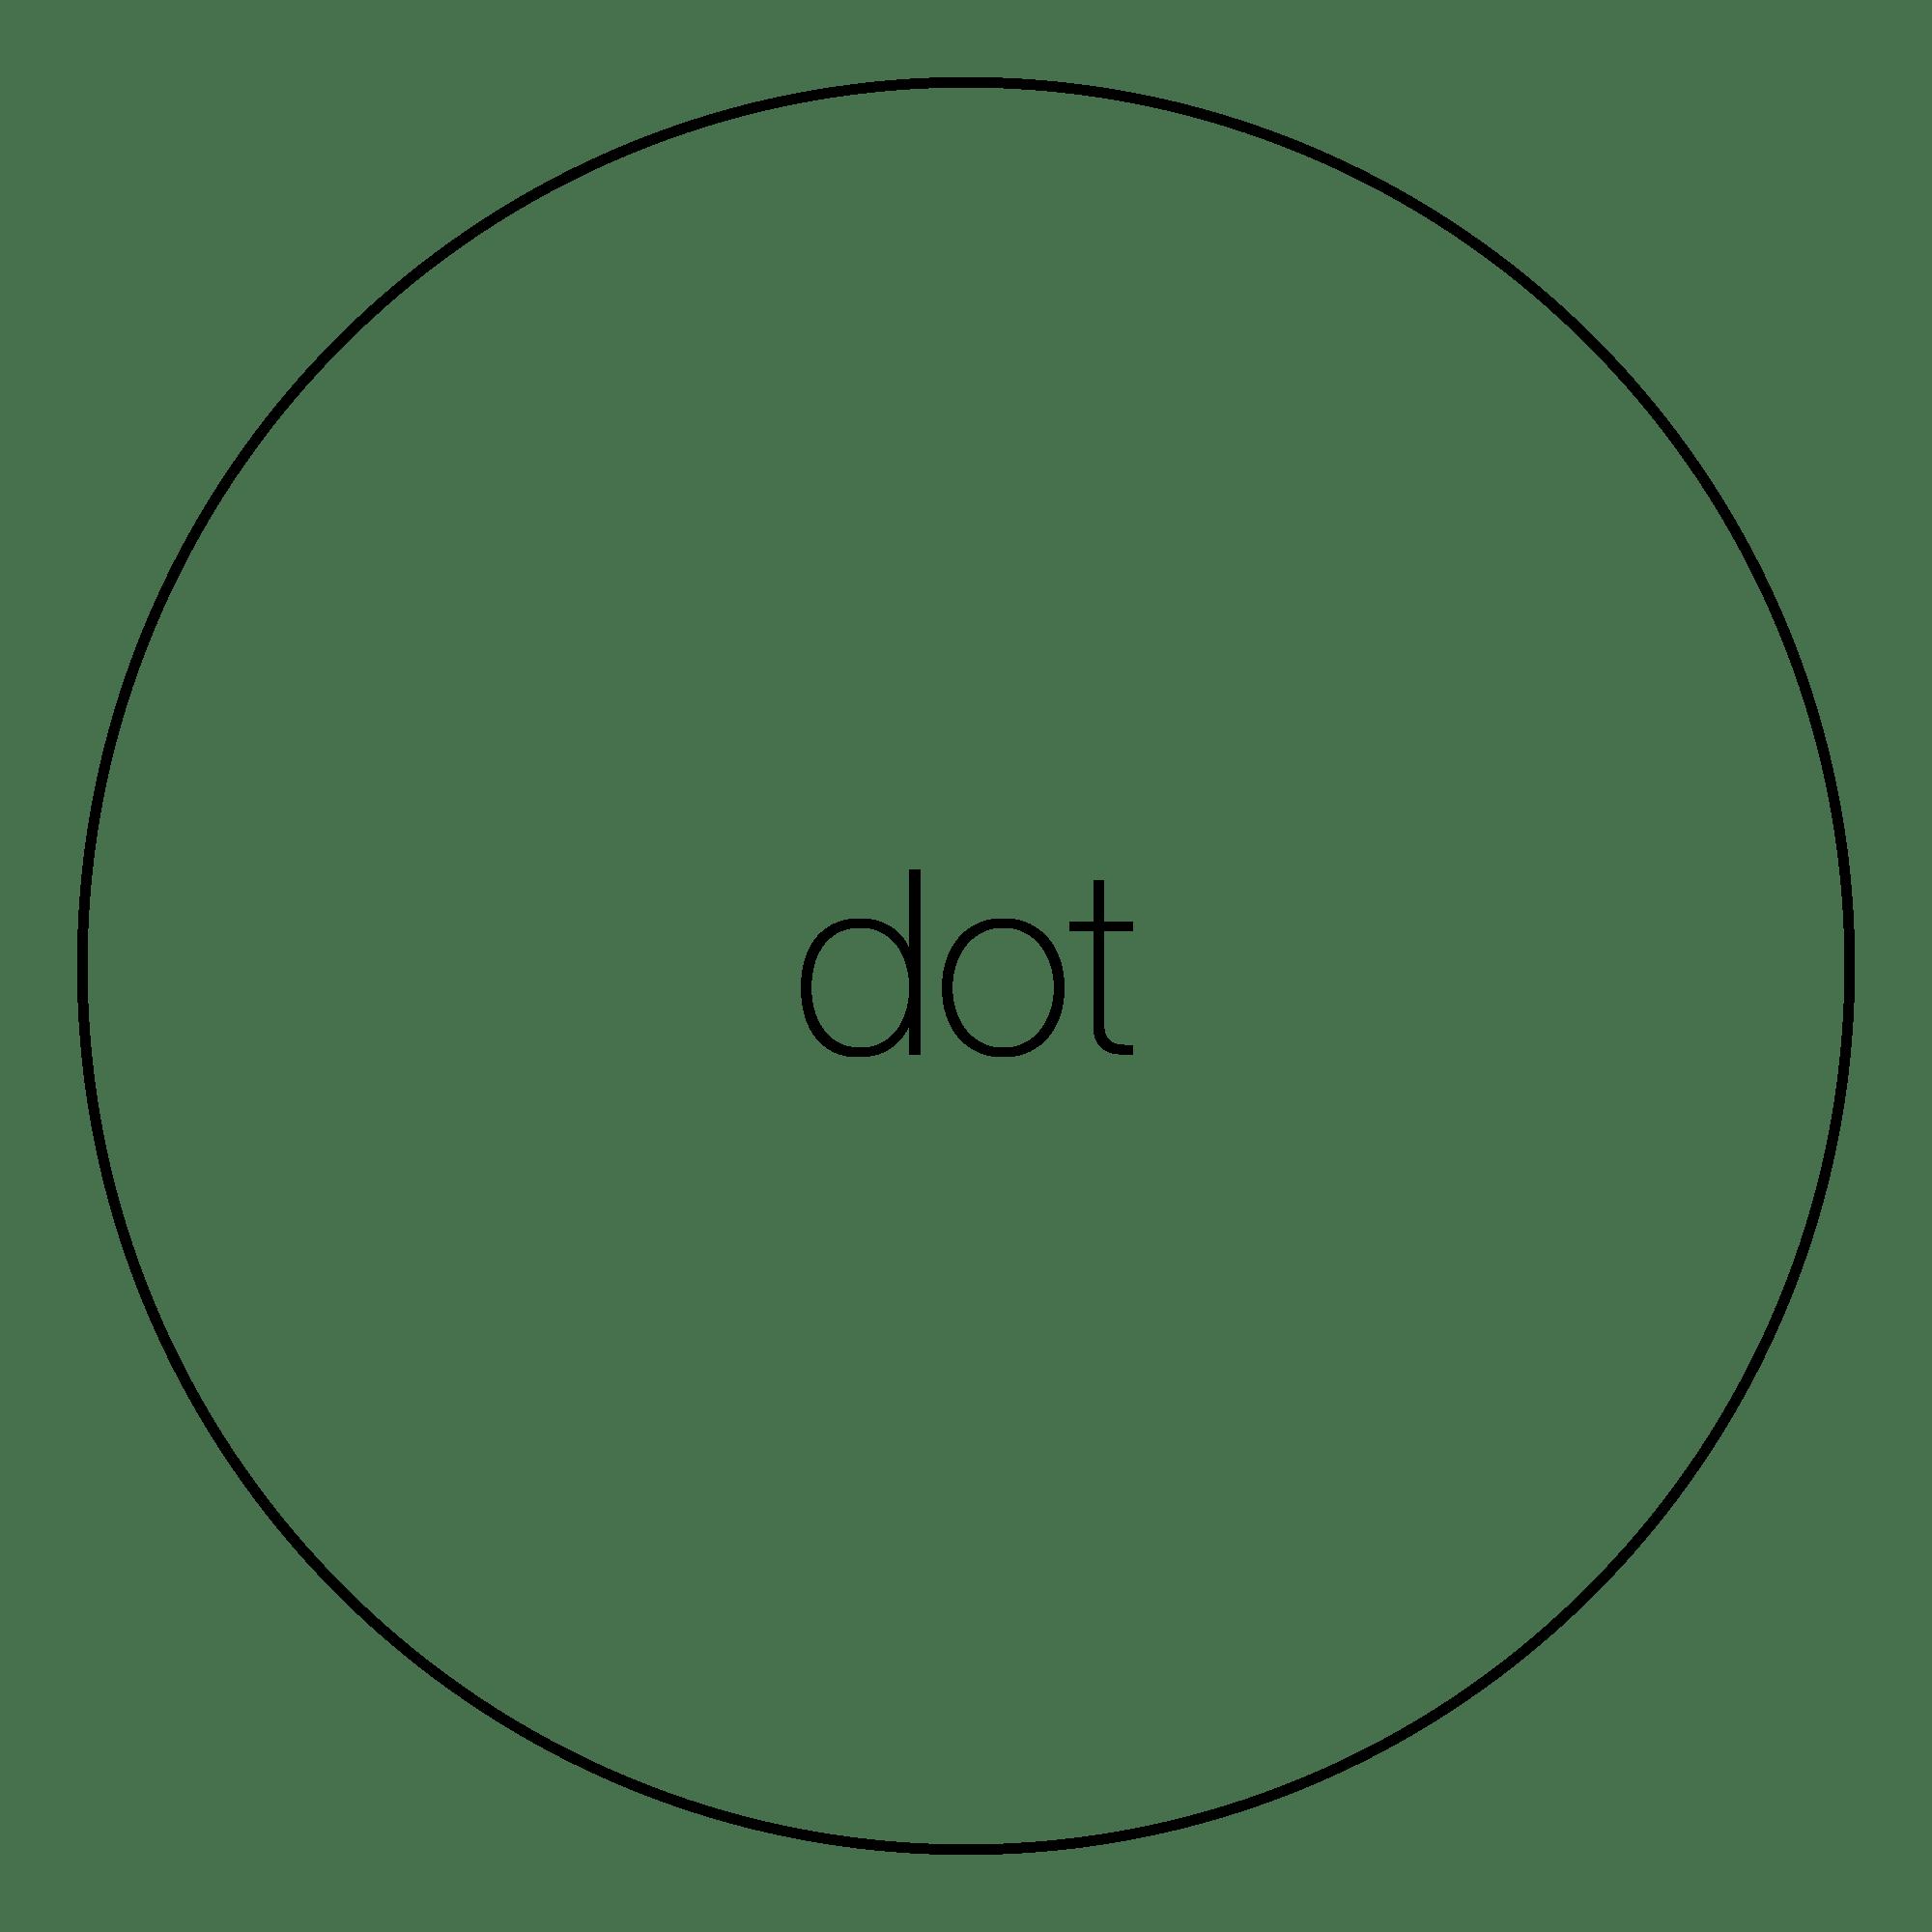 attribute-motif-dot